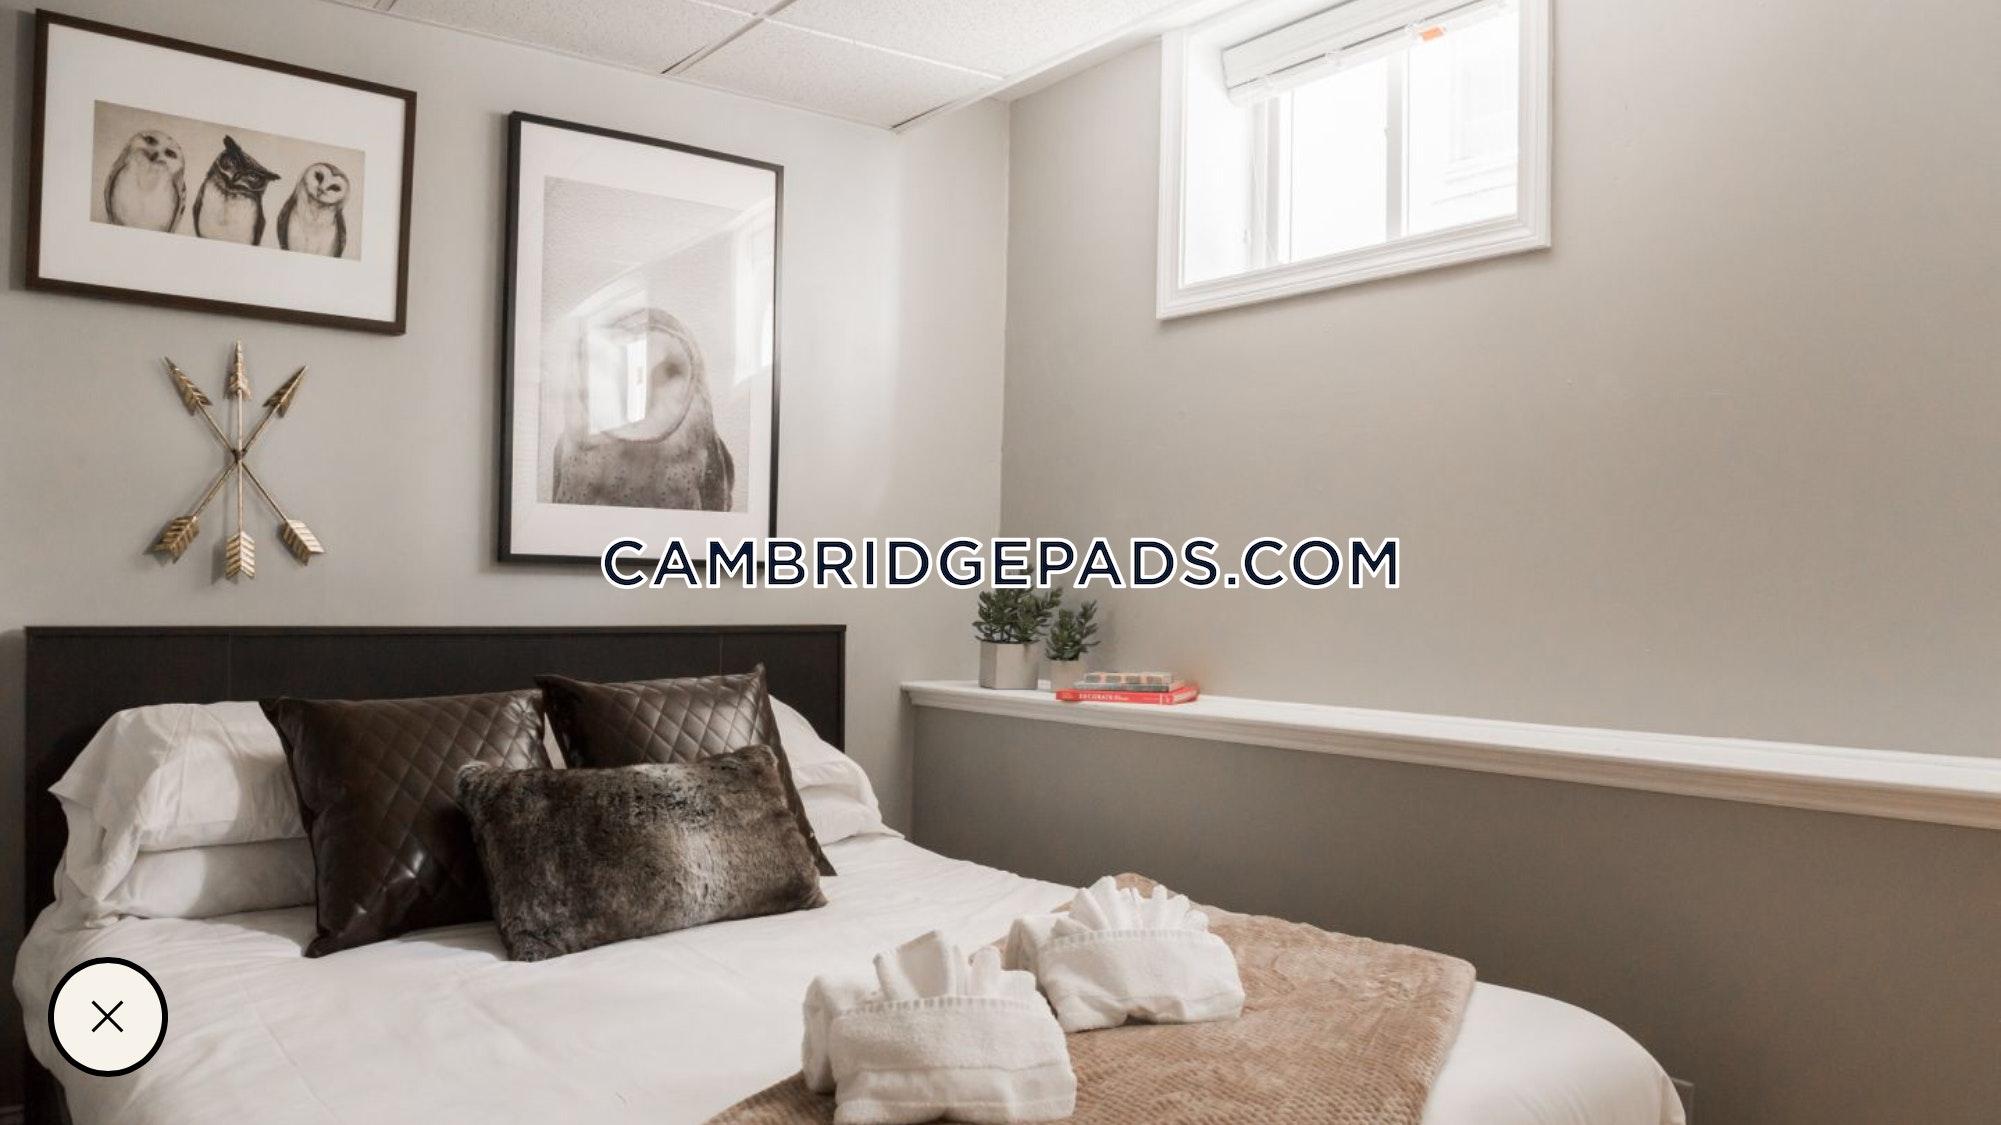 Cambridge - $5,500